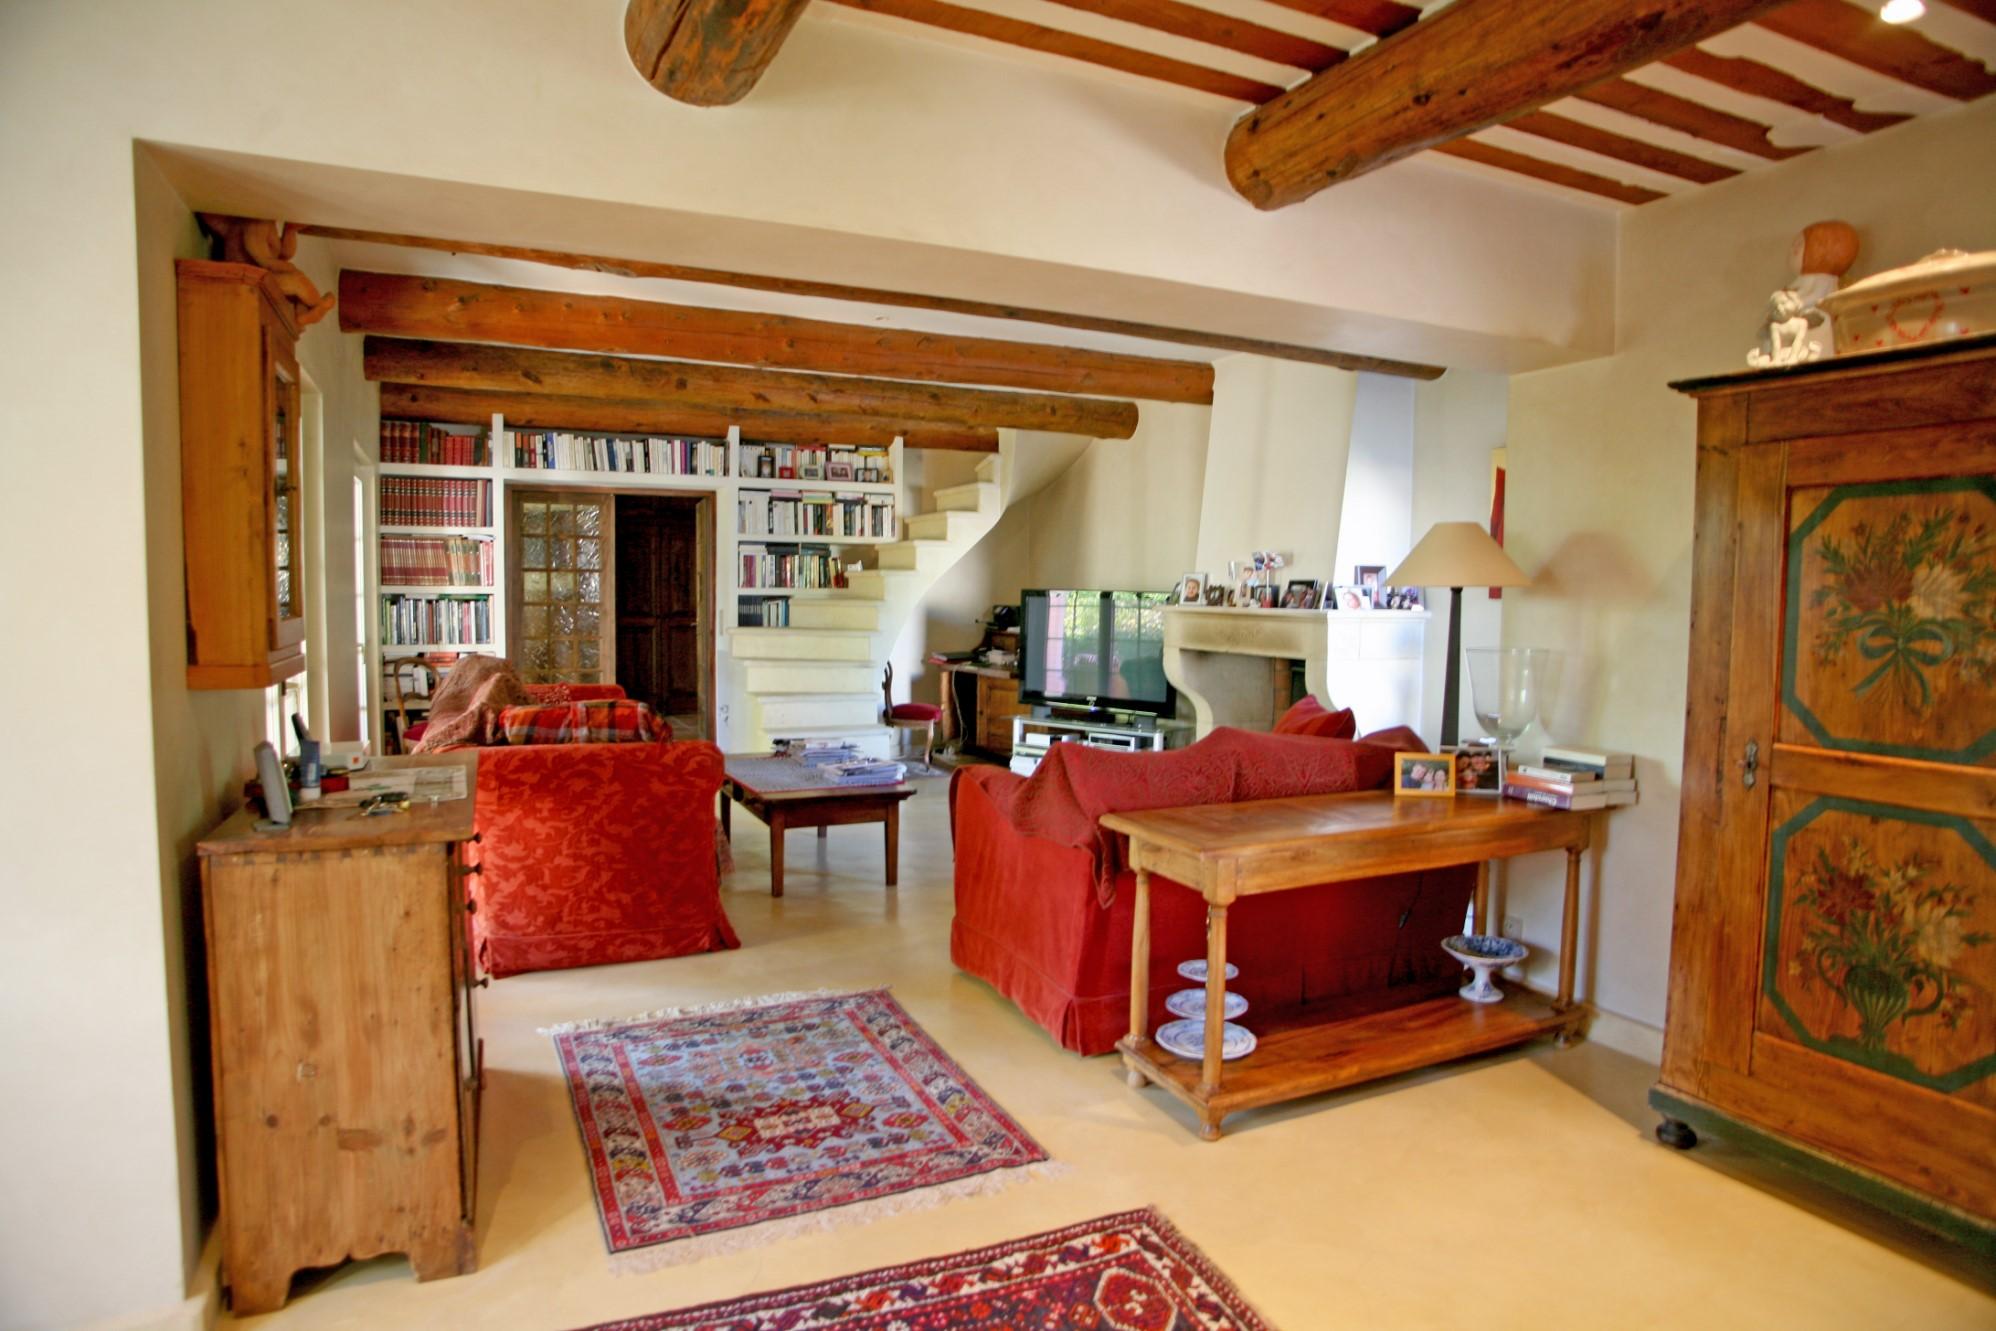 A vendre, maison de charme en pierre rénovée avec maison d'amis, 2 piscines et vue